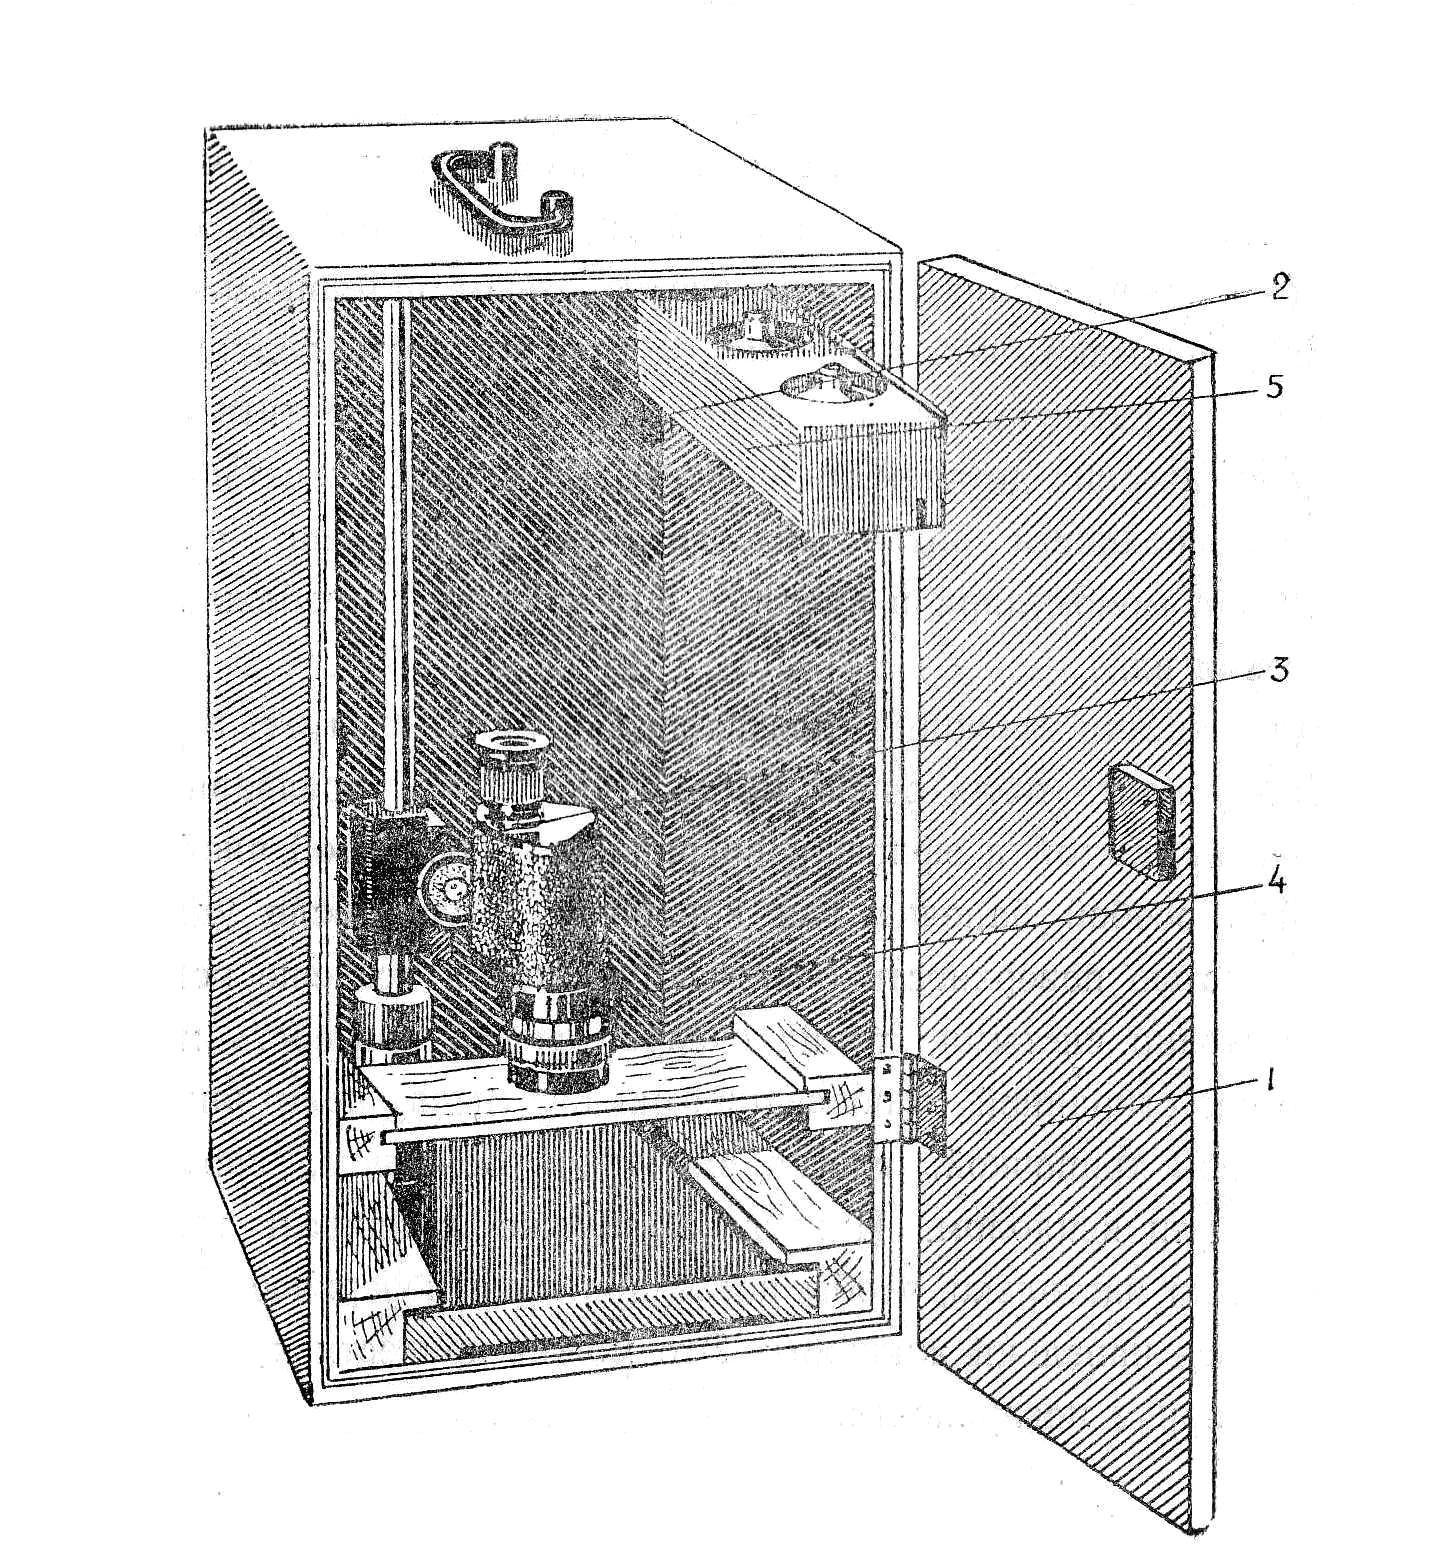 микроскоп ТМ рис. 5